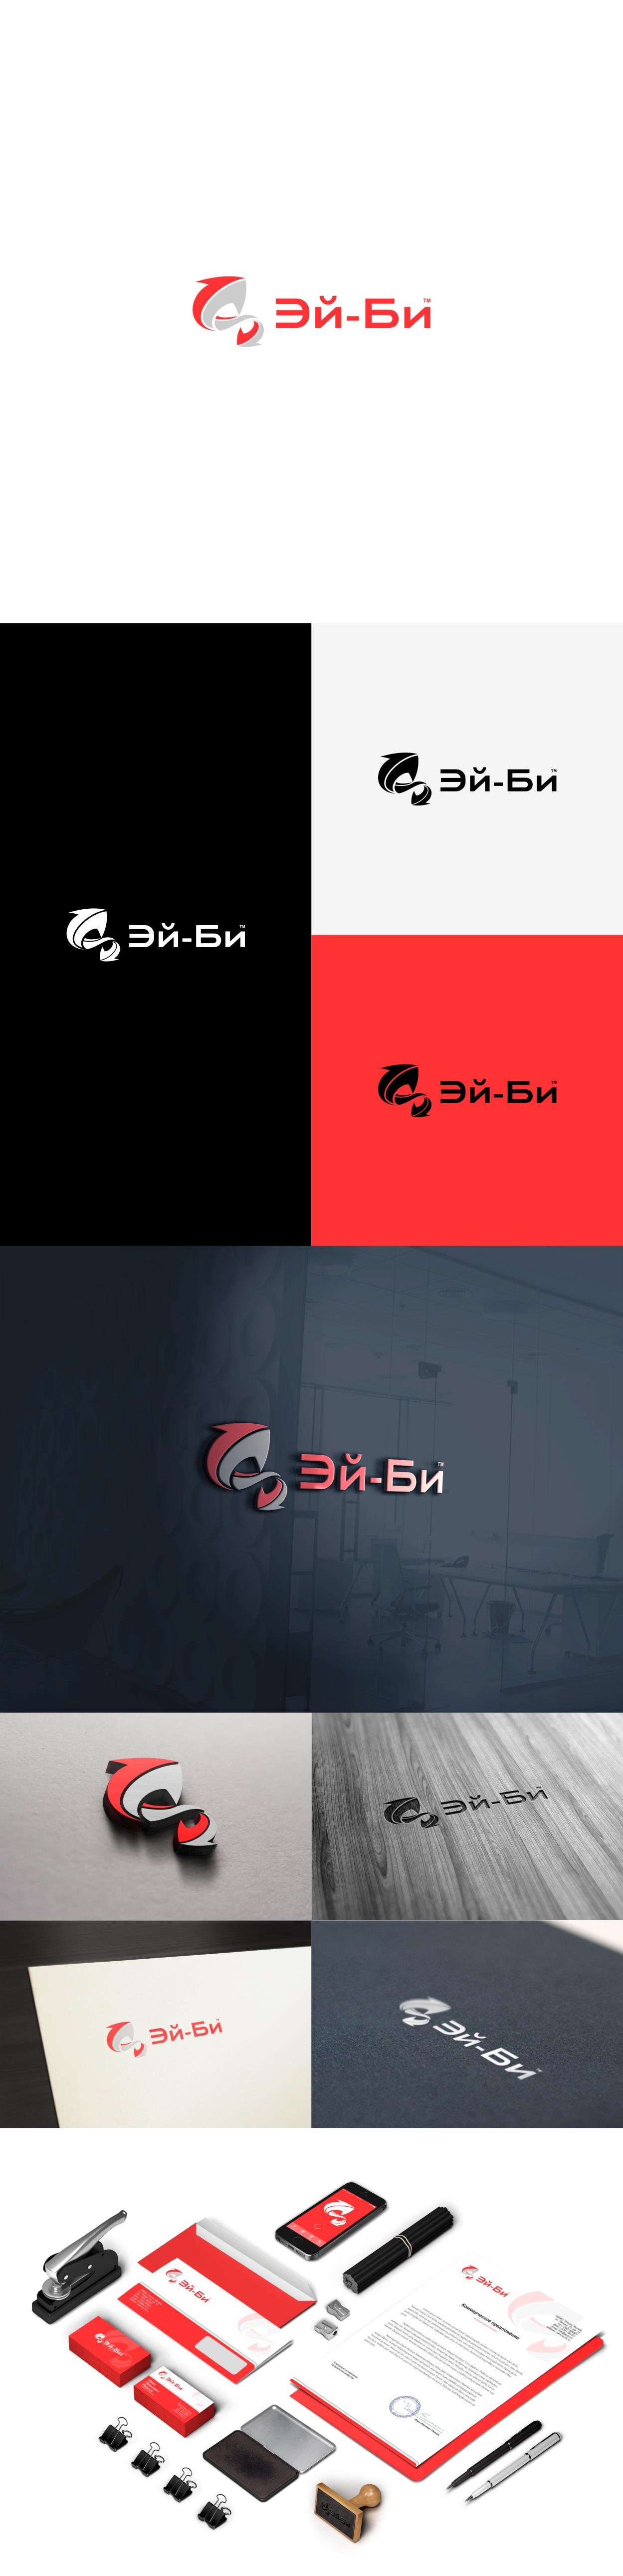 Разработка логотипа и фирменного стиля фото f_7455ce2c6c13888d.jpg